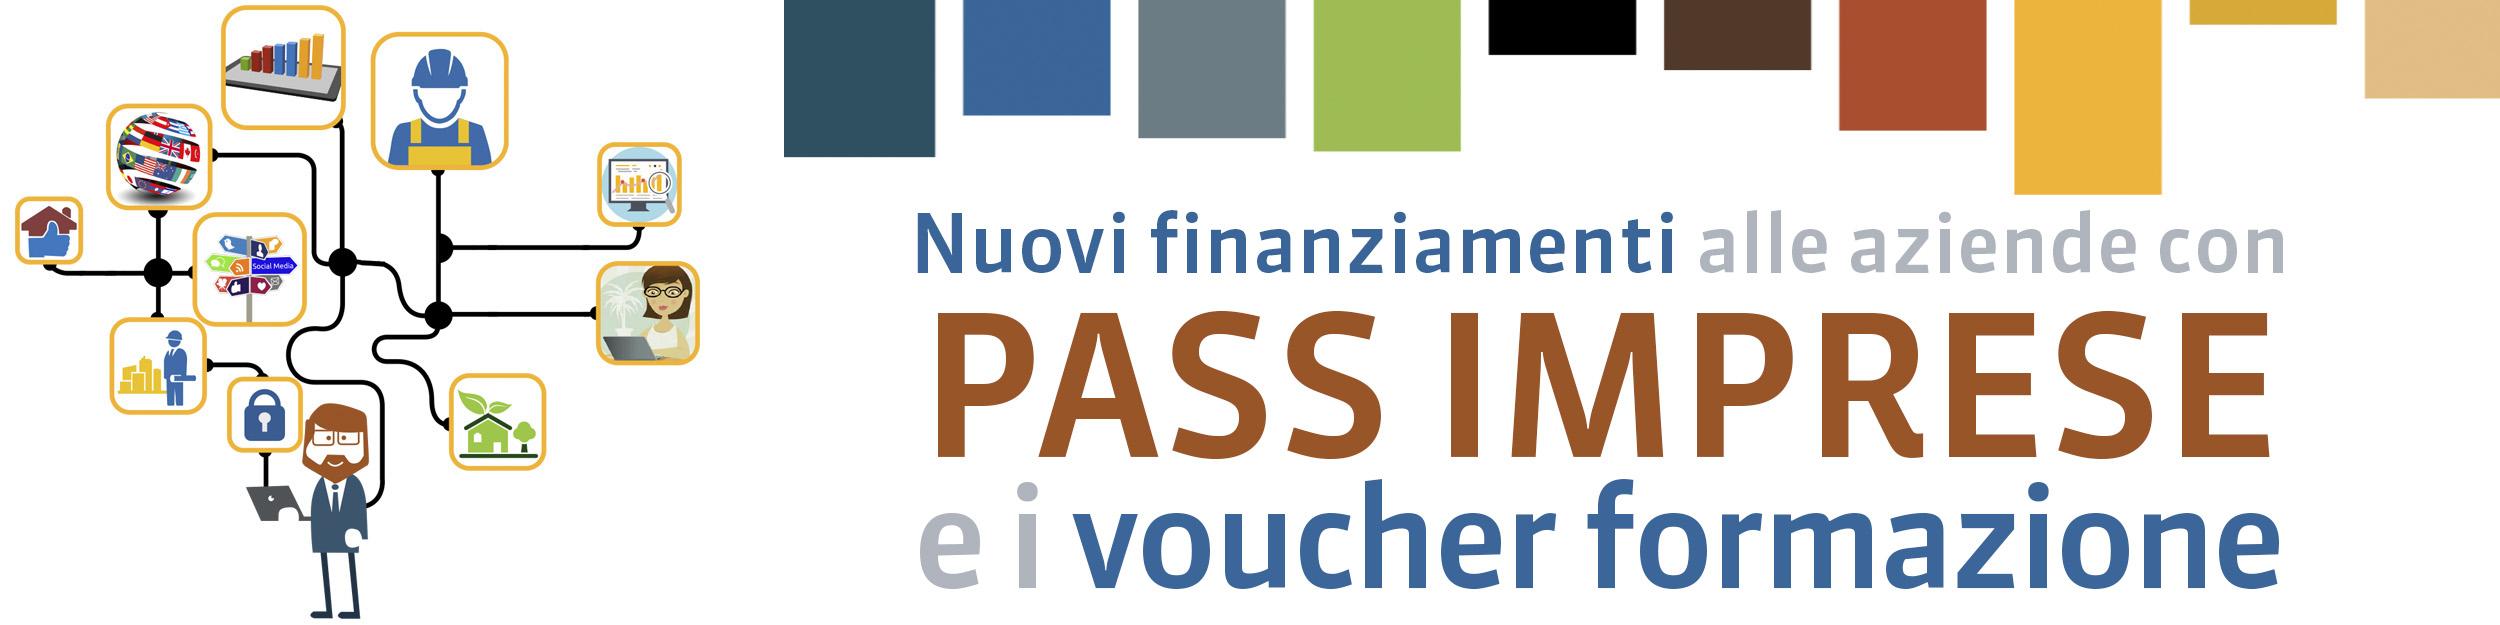 Bando Pass Imprese